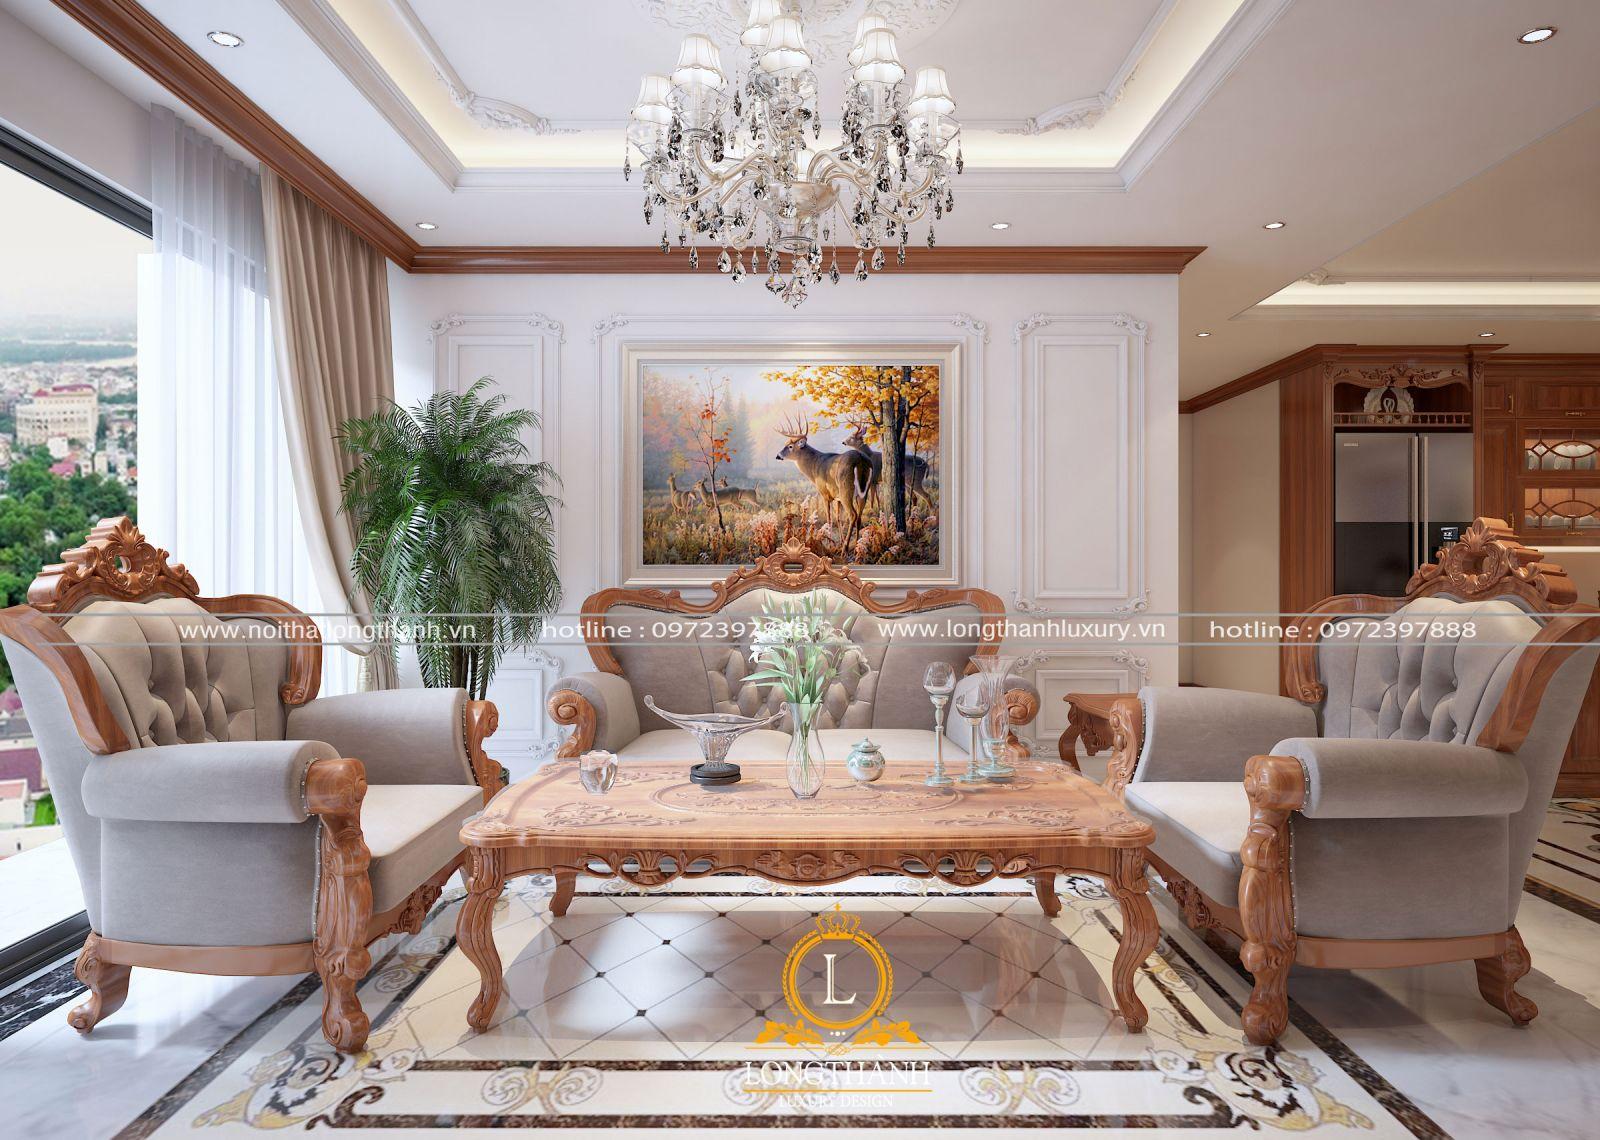 Bộ sofa tân cổ điển đẹp cho phòng khách đẹp